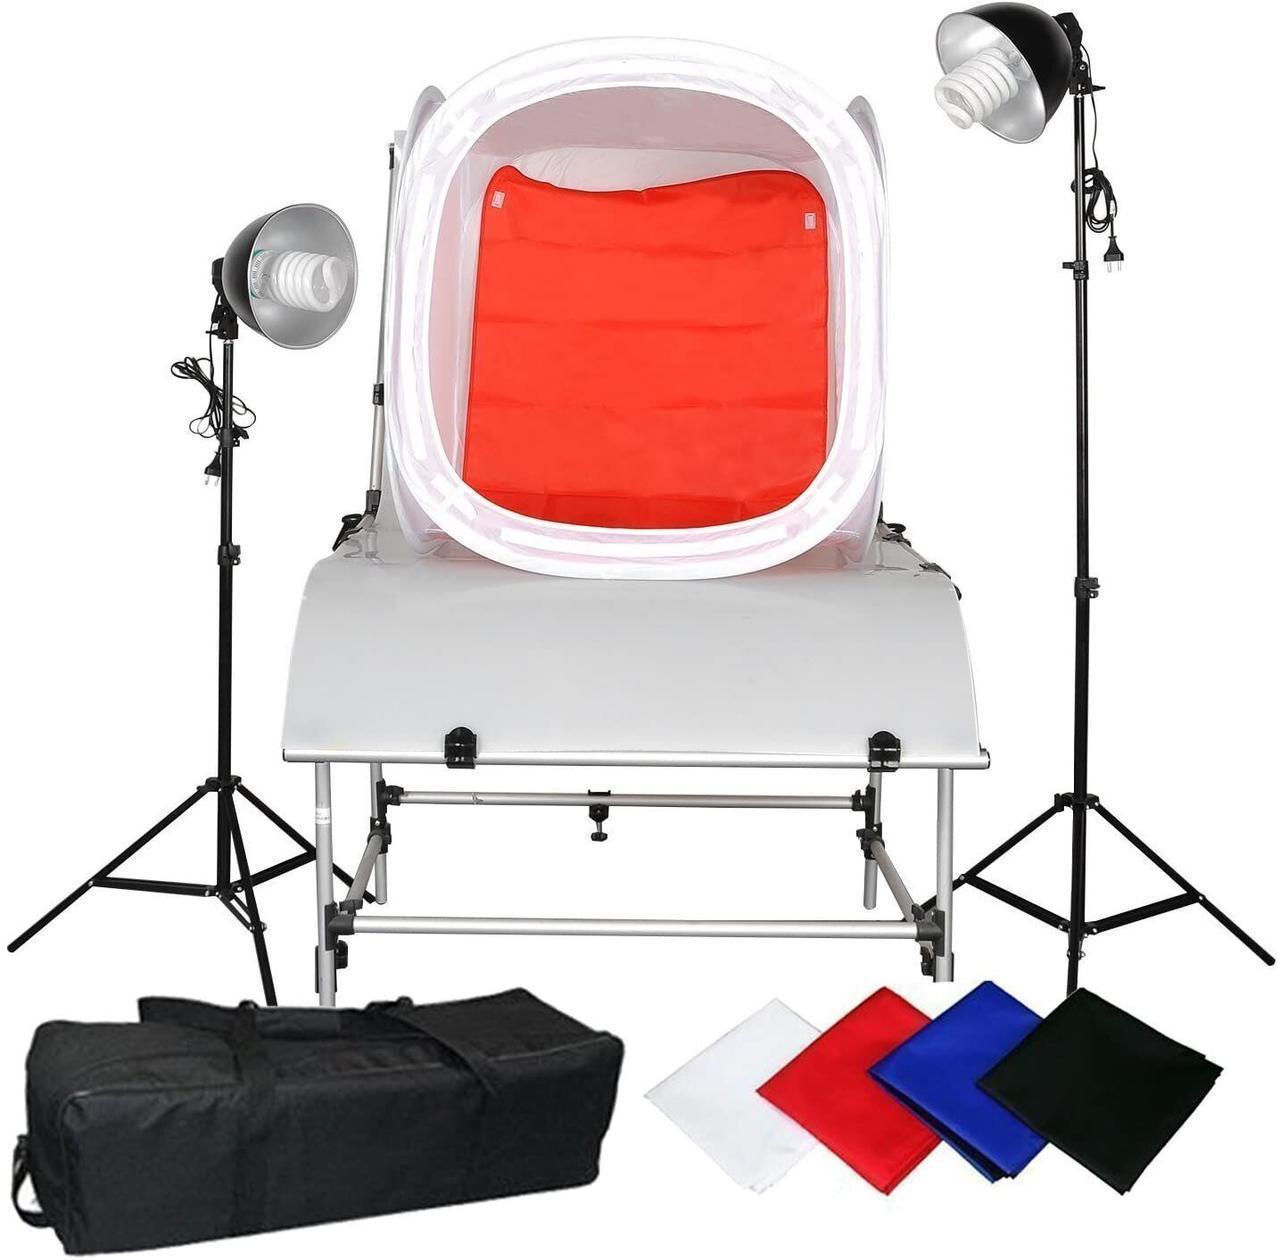 Набор для предметной съемки Cube Box с лампами и штативами CA9048